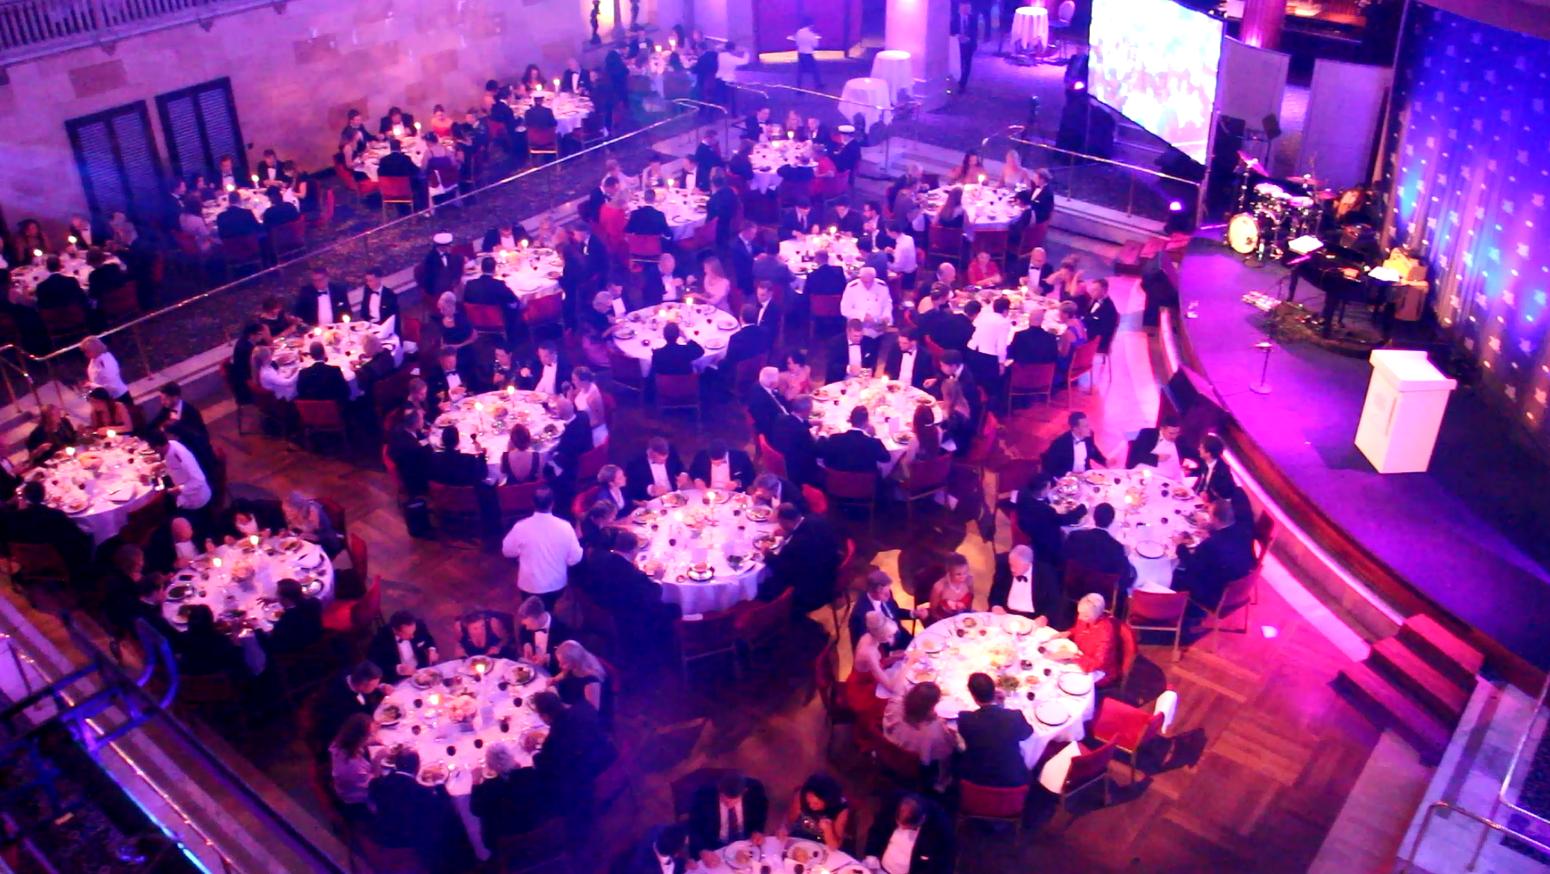 Le dîner avait lieu au Grand Hotel de Stockholm